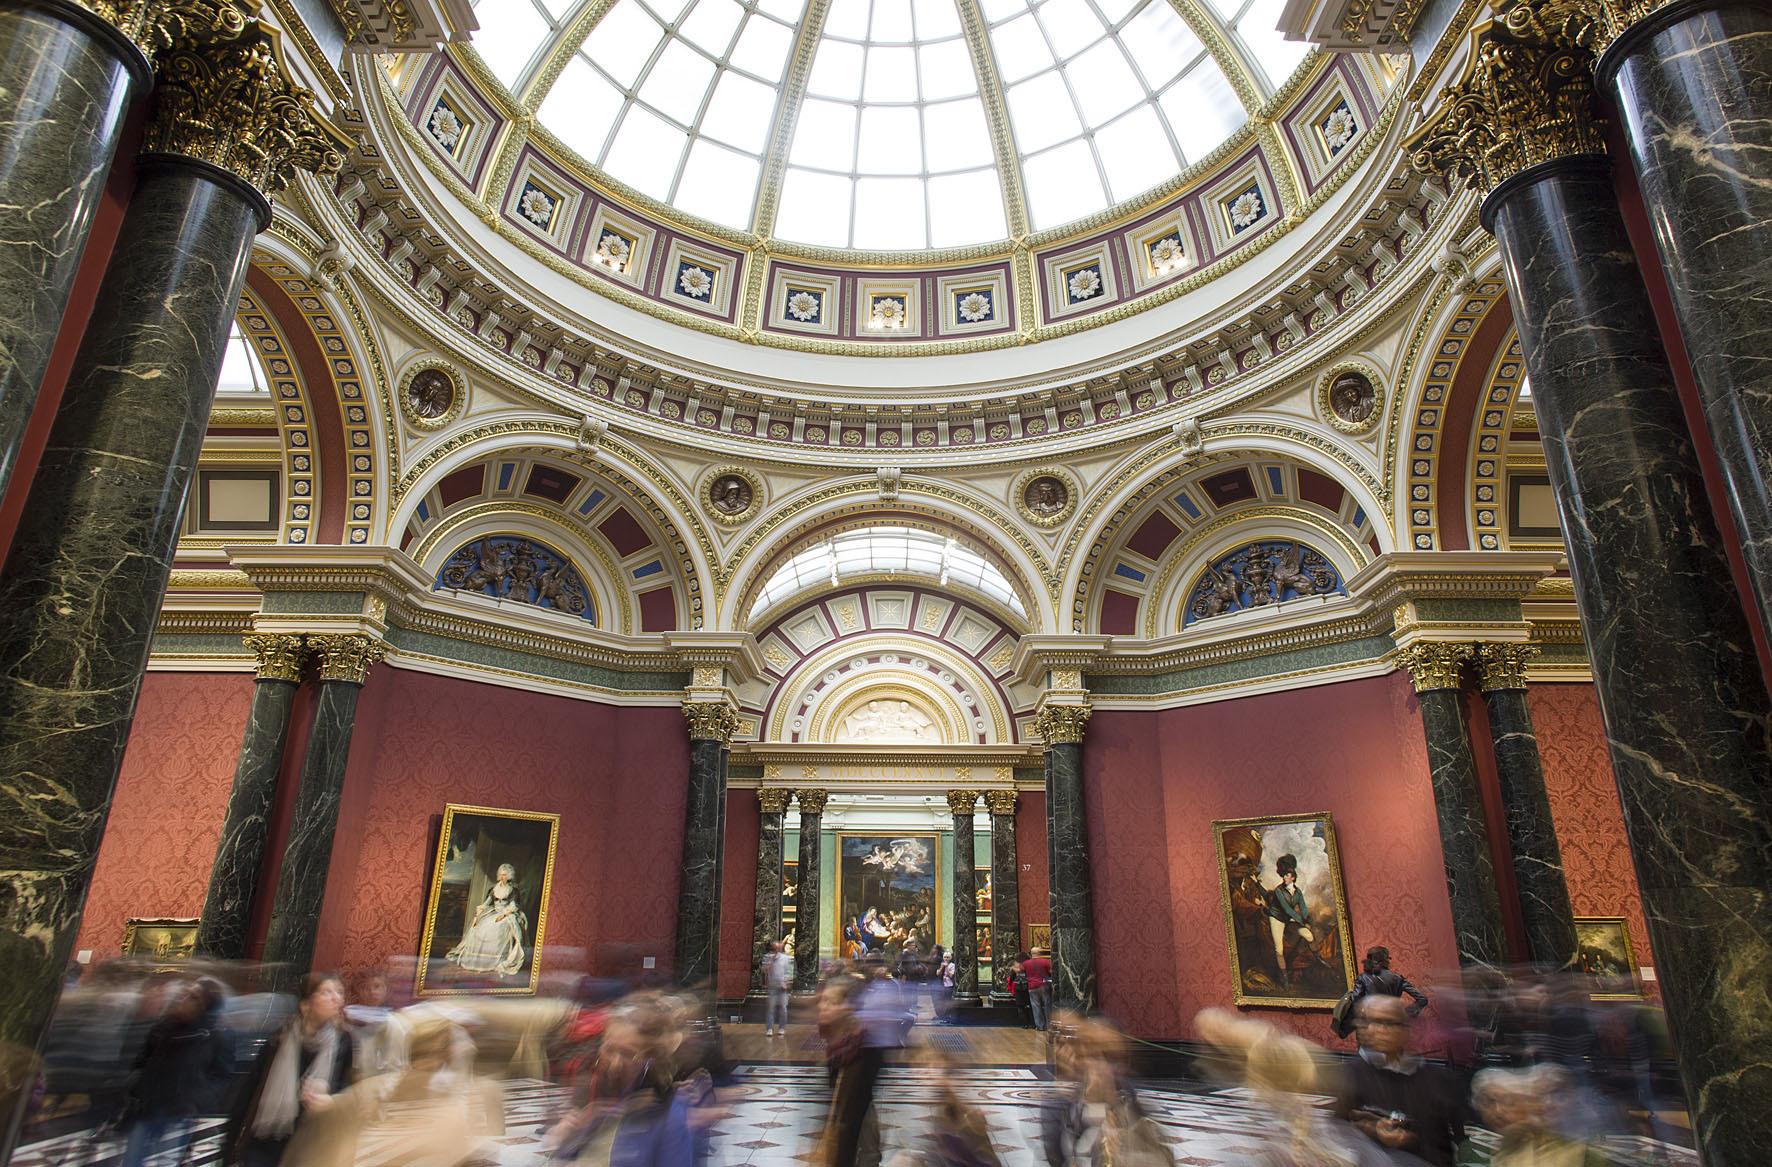 ロンドン・ナショナル・ギャラリー内観 (C)The National Gallery, London